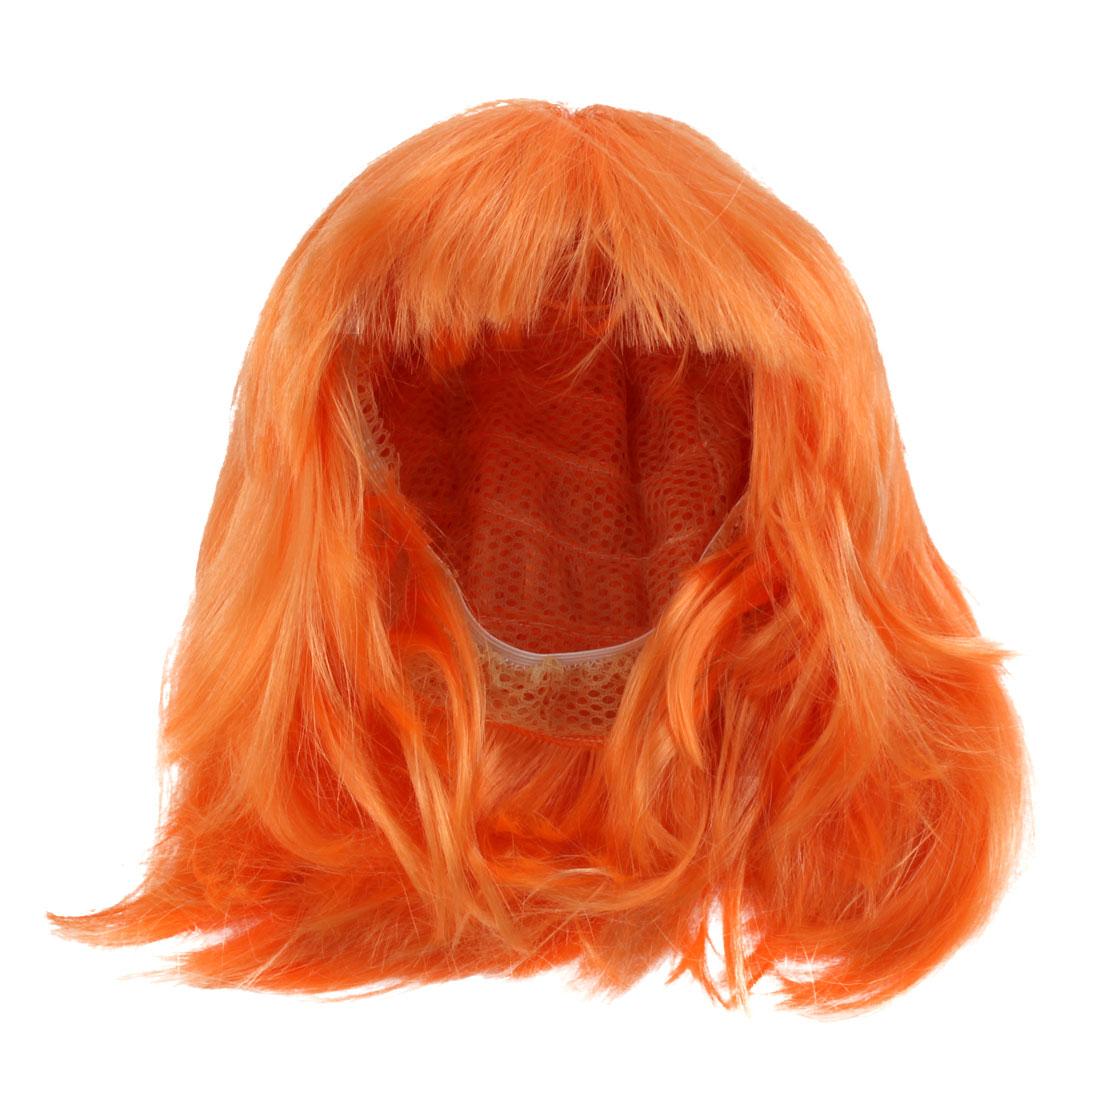 Full Fringe Short Hairstyle Party Cosplay Orange Full Wig